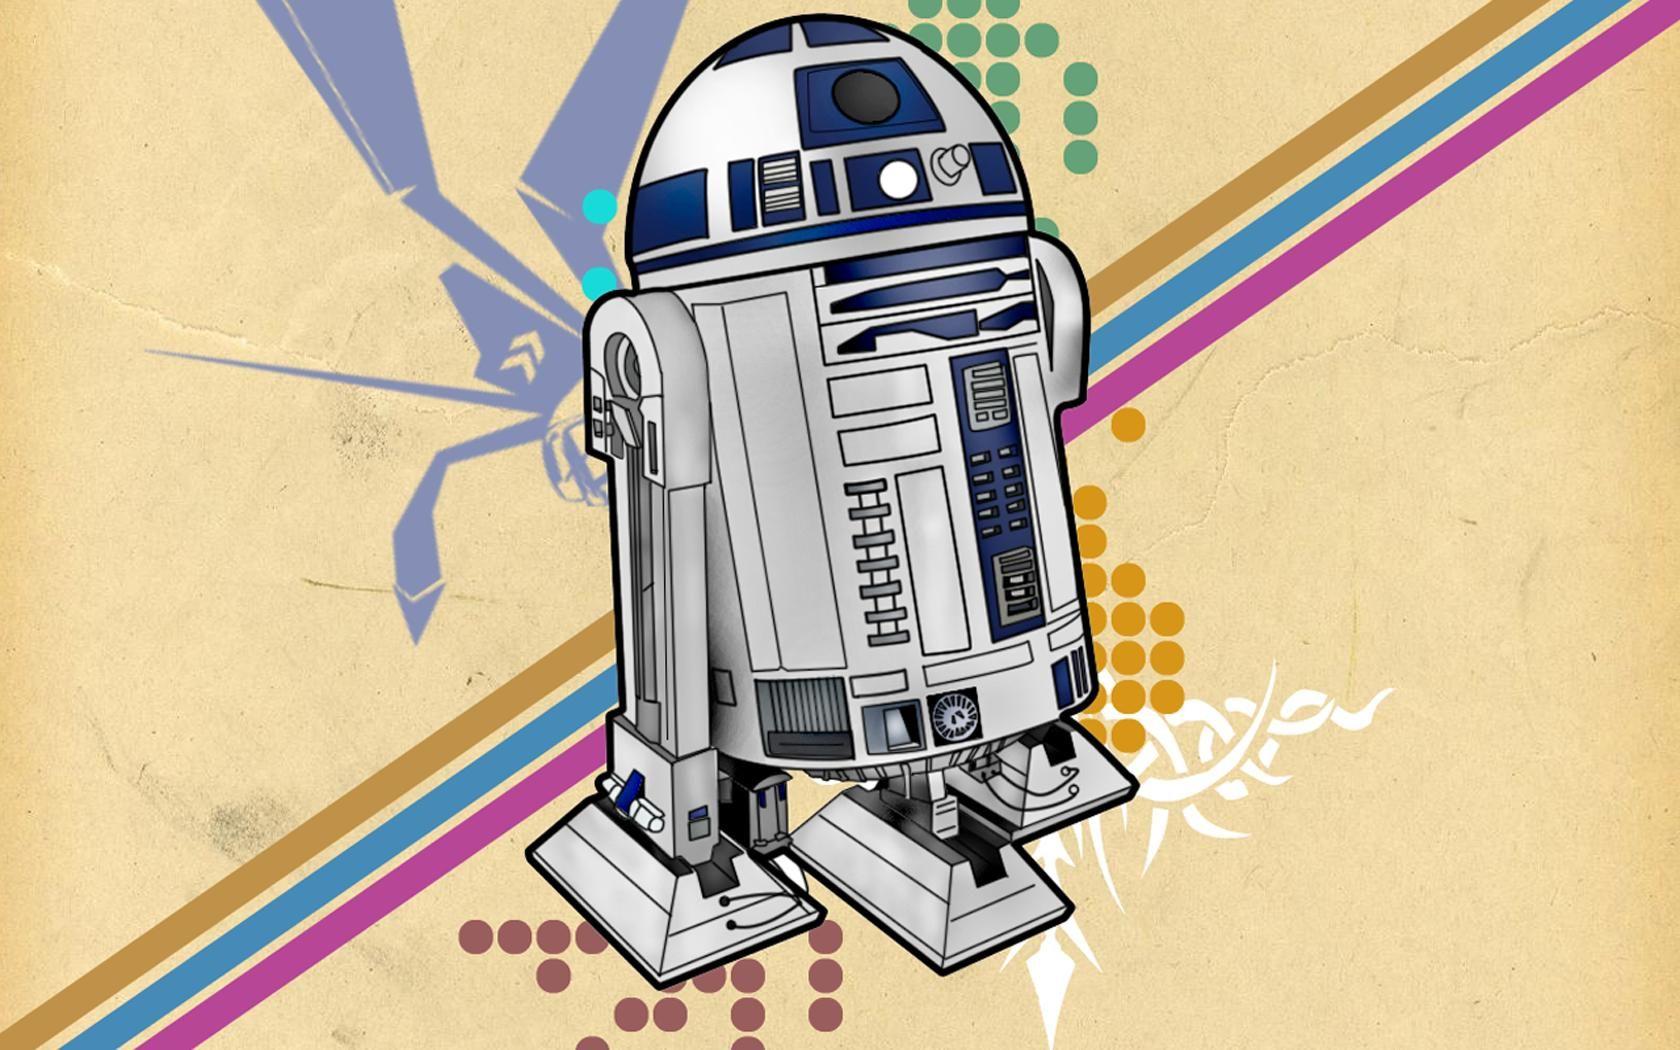 WallE RD Star Wars Robots Cartoon Art Wallpaper 1000x1000 R2d2 41 Wallpapers